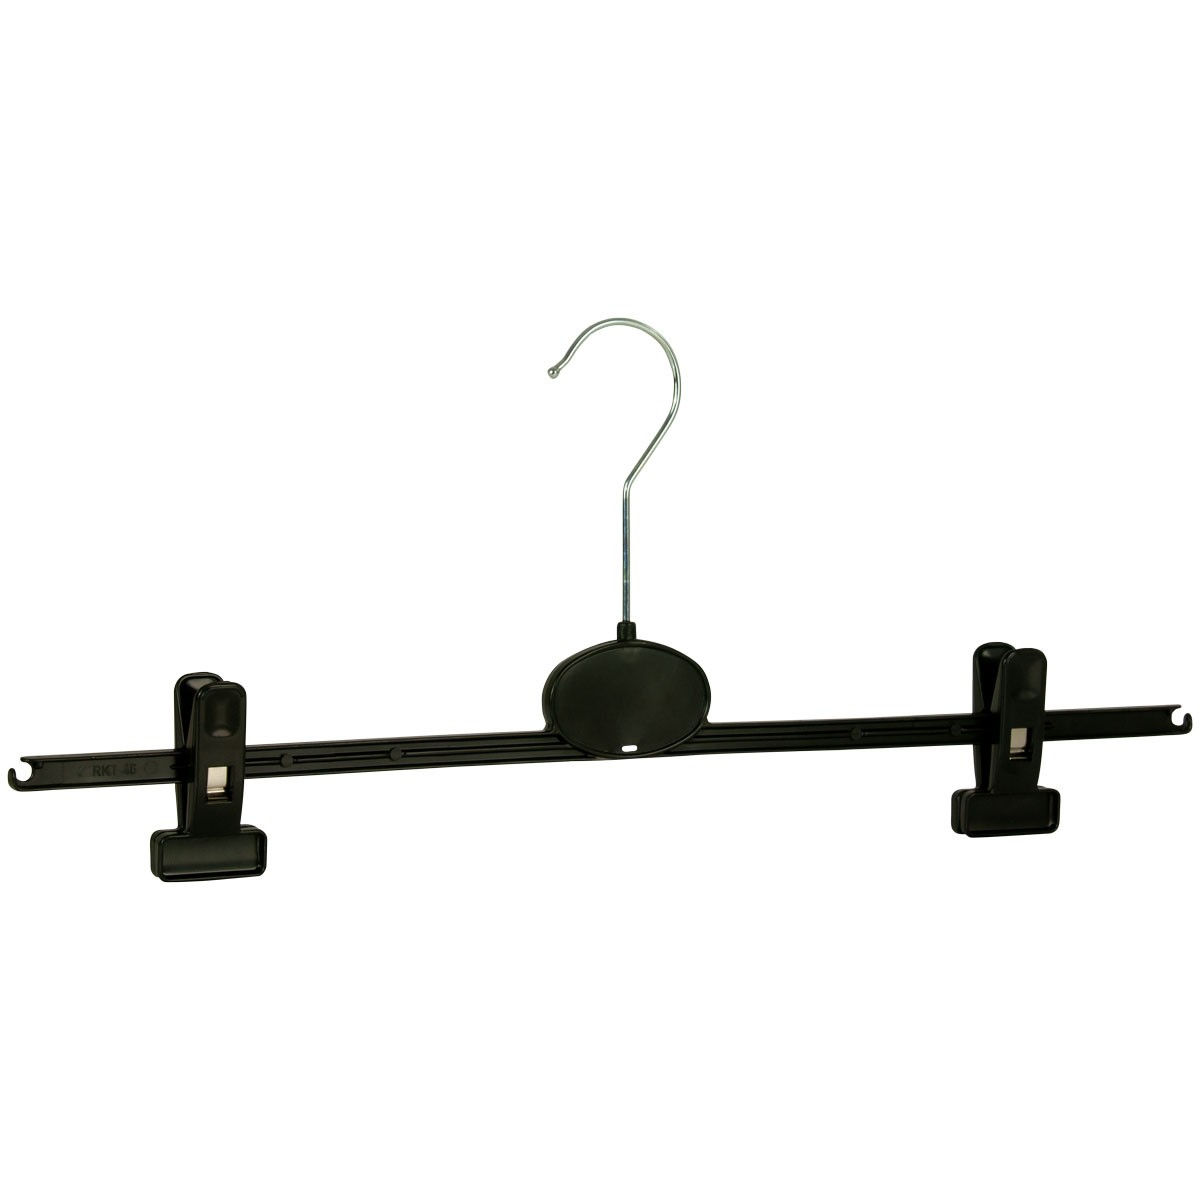 hosenb gel rkt 40. Black Bedroom Furniture Sets. Home Design Ideas